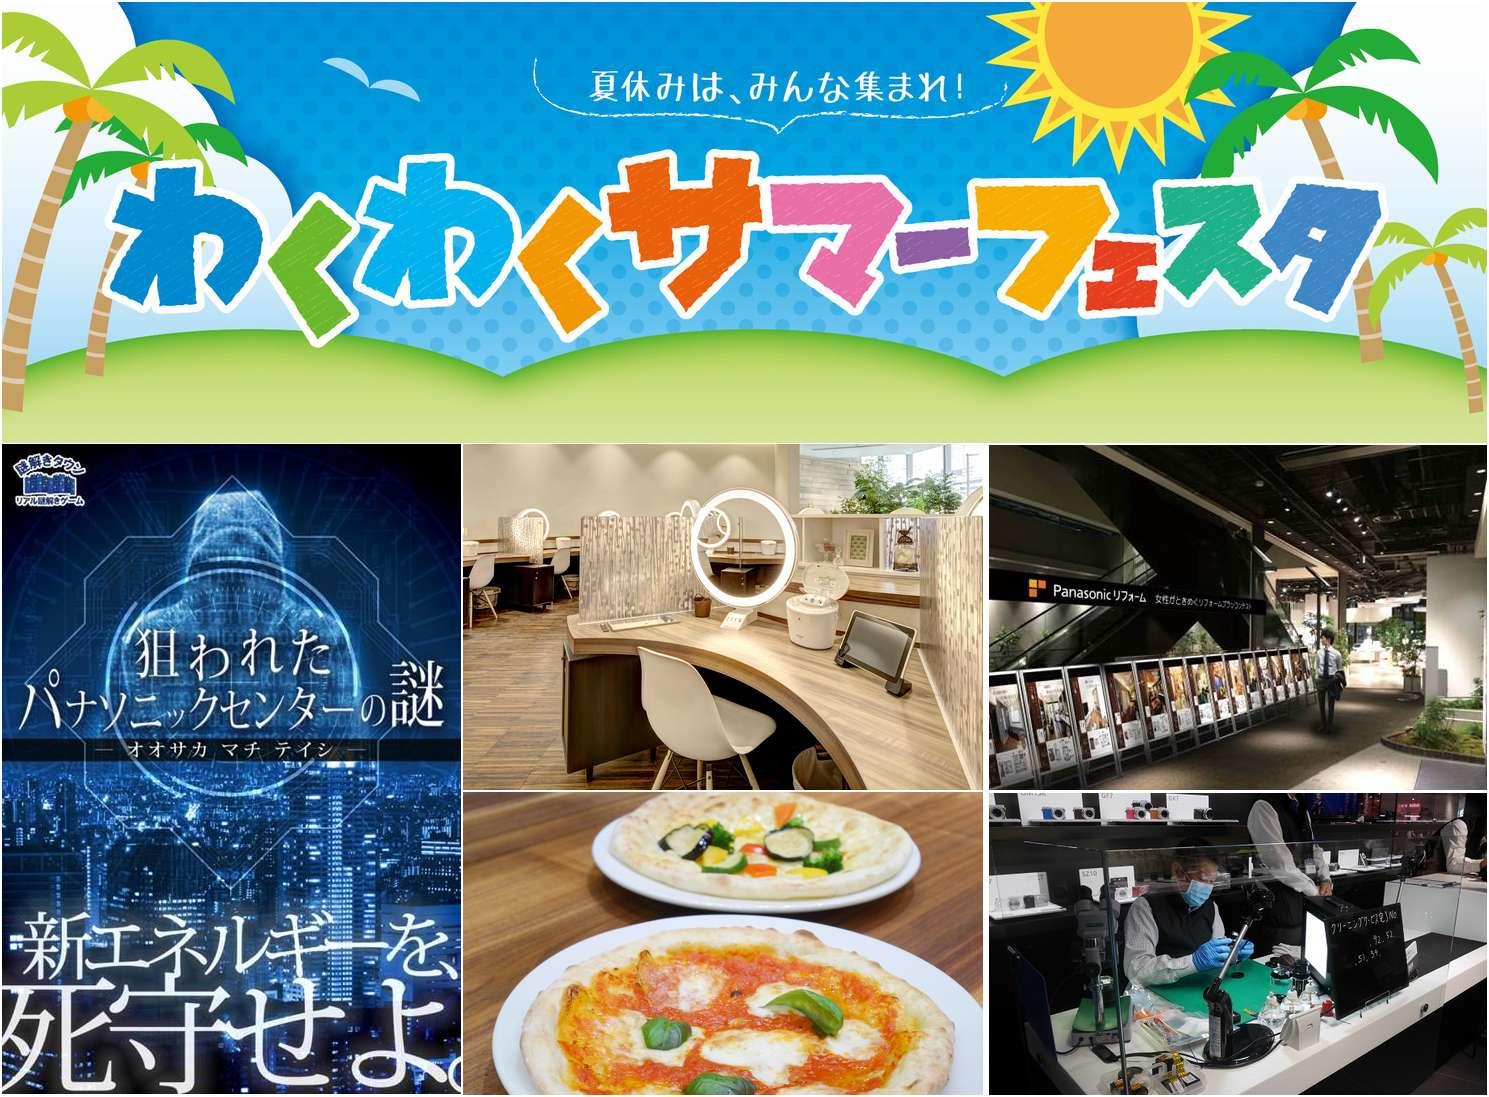 パナソニックセンター大阪「わくわくサマーフェスタ」2015年7月17日~8月23日まで開催!